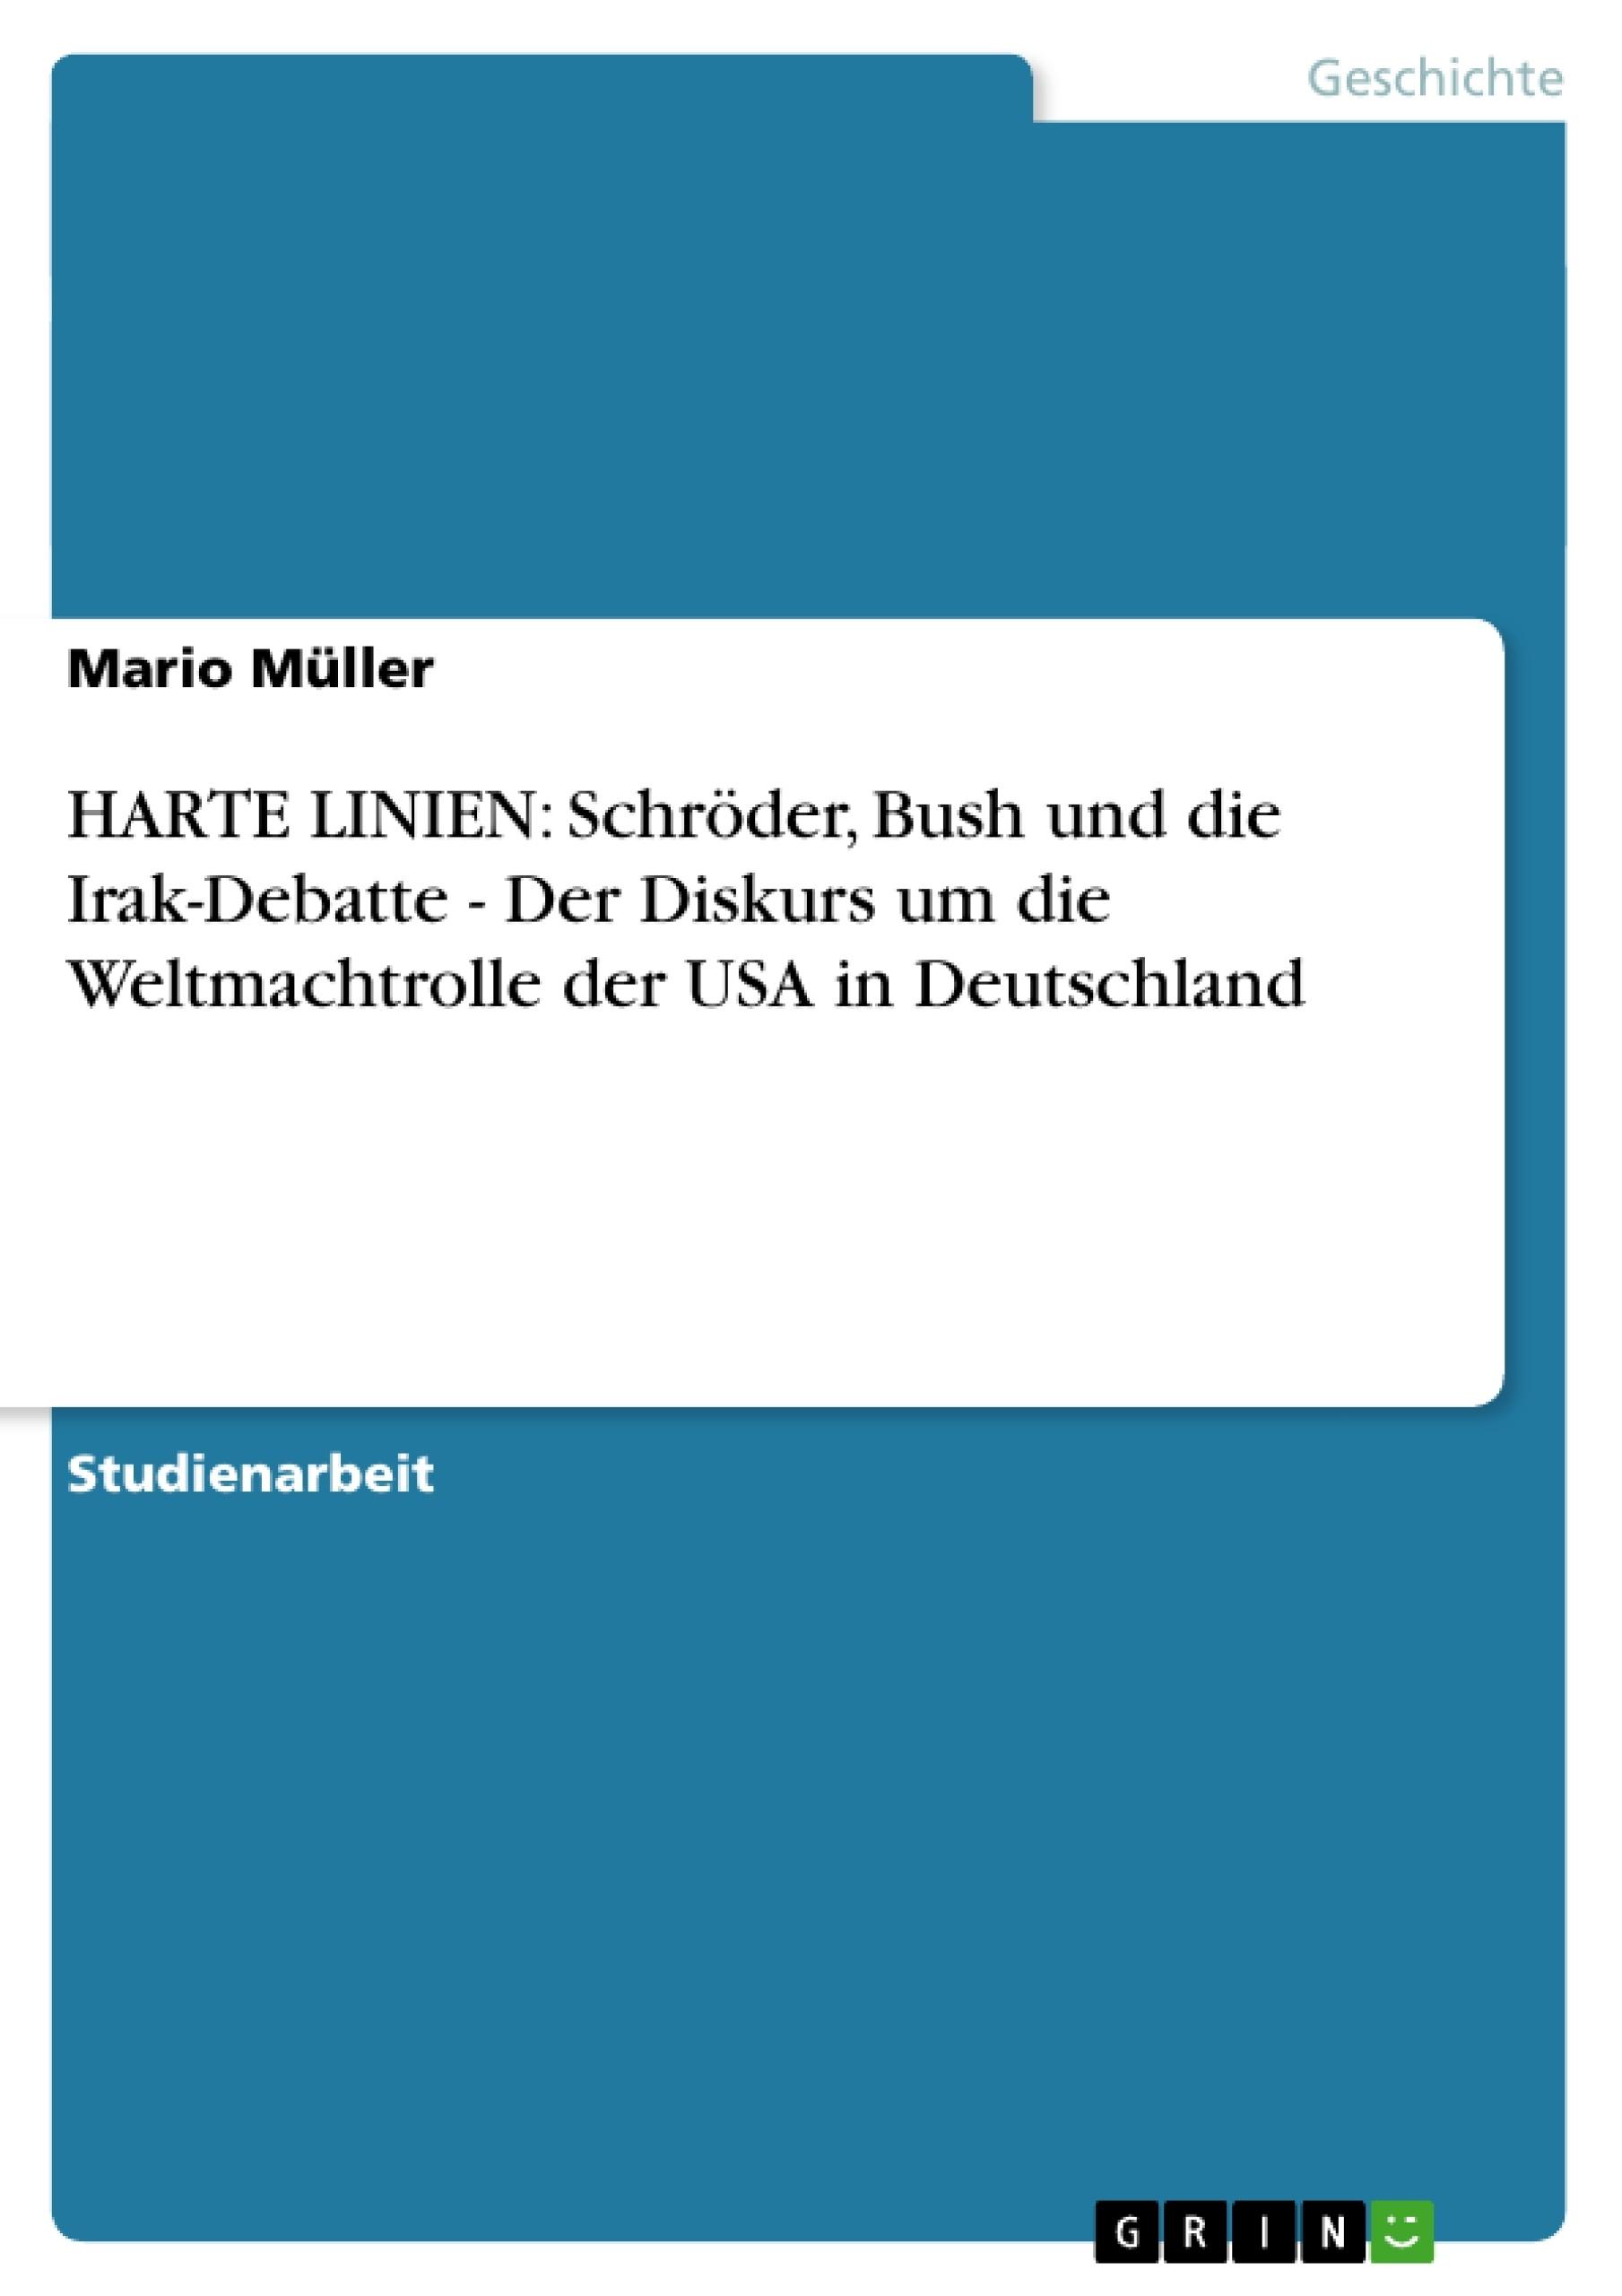 Titel: HARTE LINIEN: Schröder, Bush und die Irak-Debatte - Der Diskurs um die Weltmachtrolle der USA in Deutschland